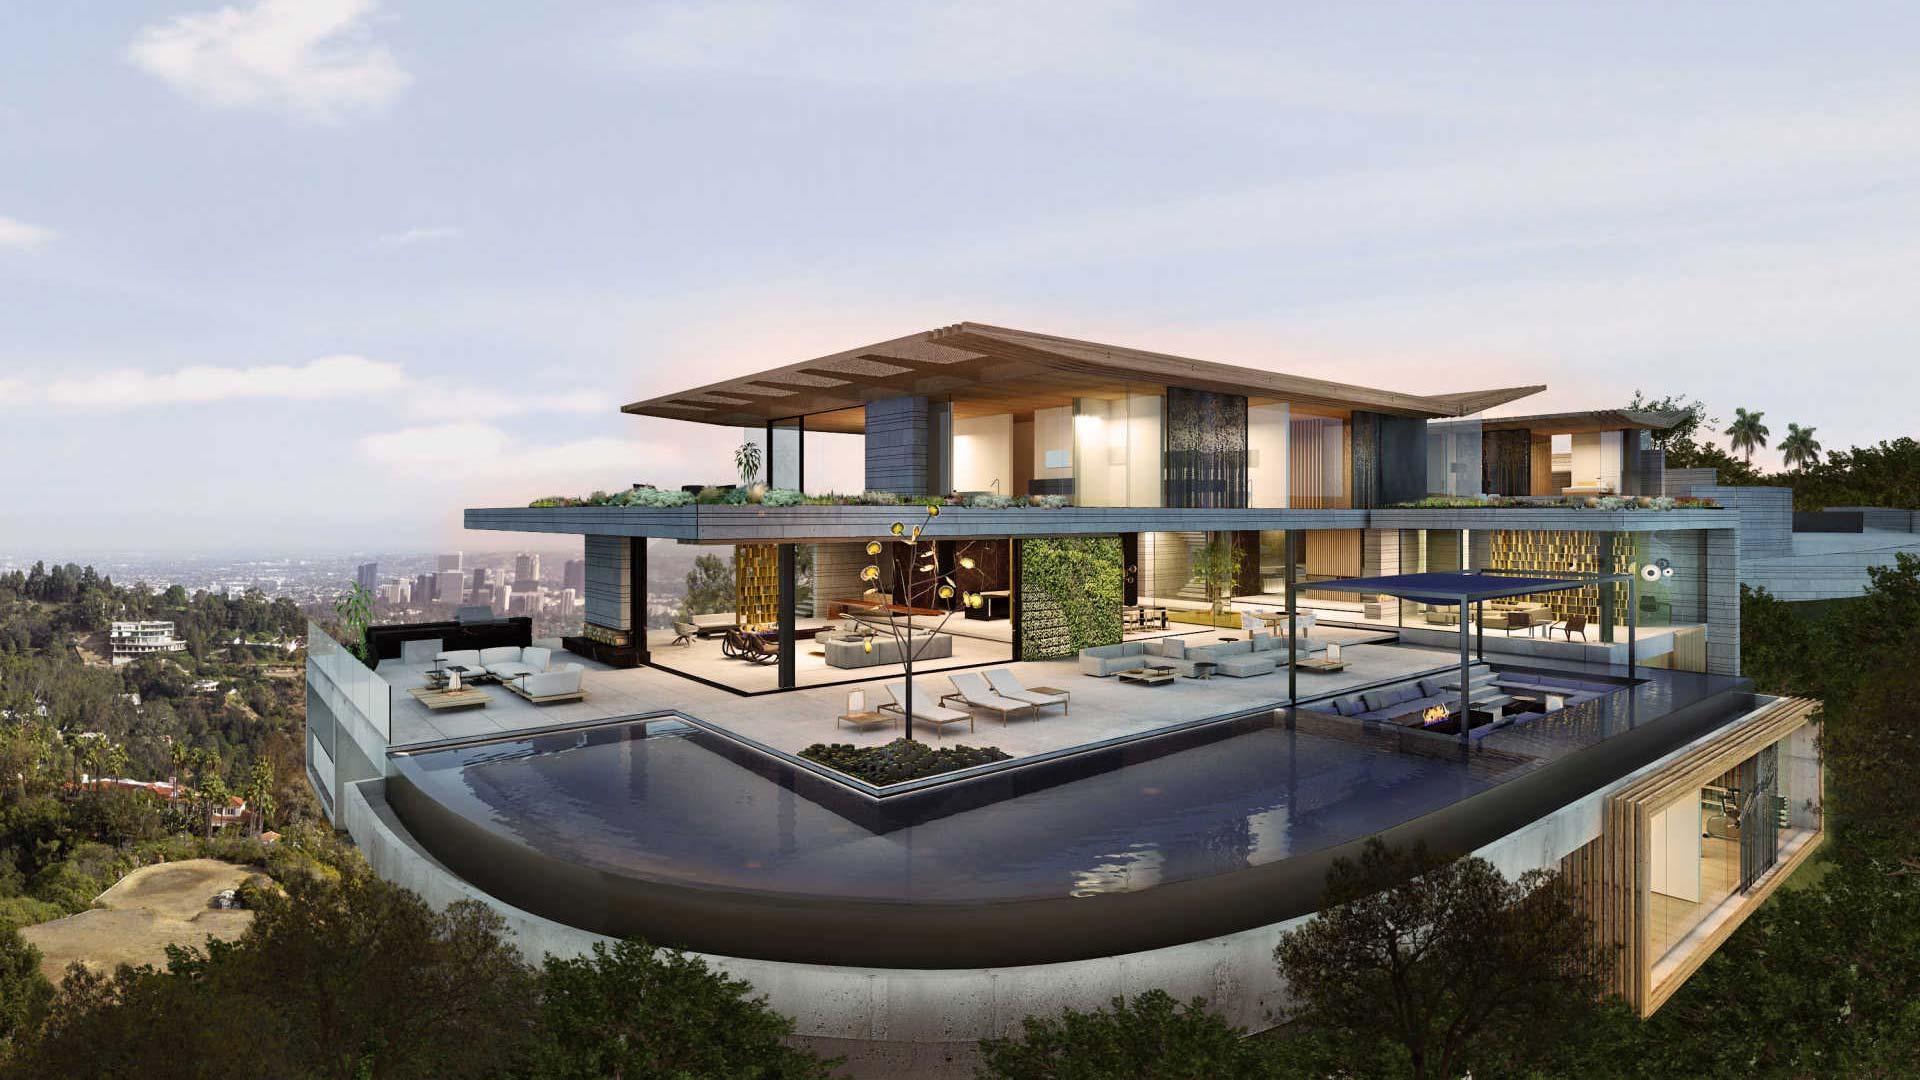 Immobilier de luxe Los Angeles : les points forts de Lukinski - Des terrains à hauteur de 6,5 millions de dollars !